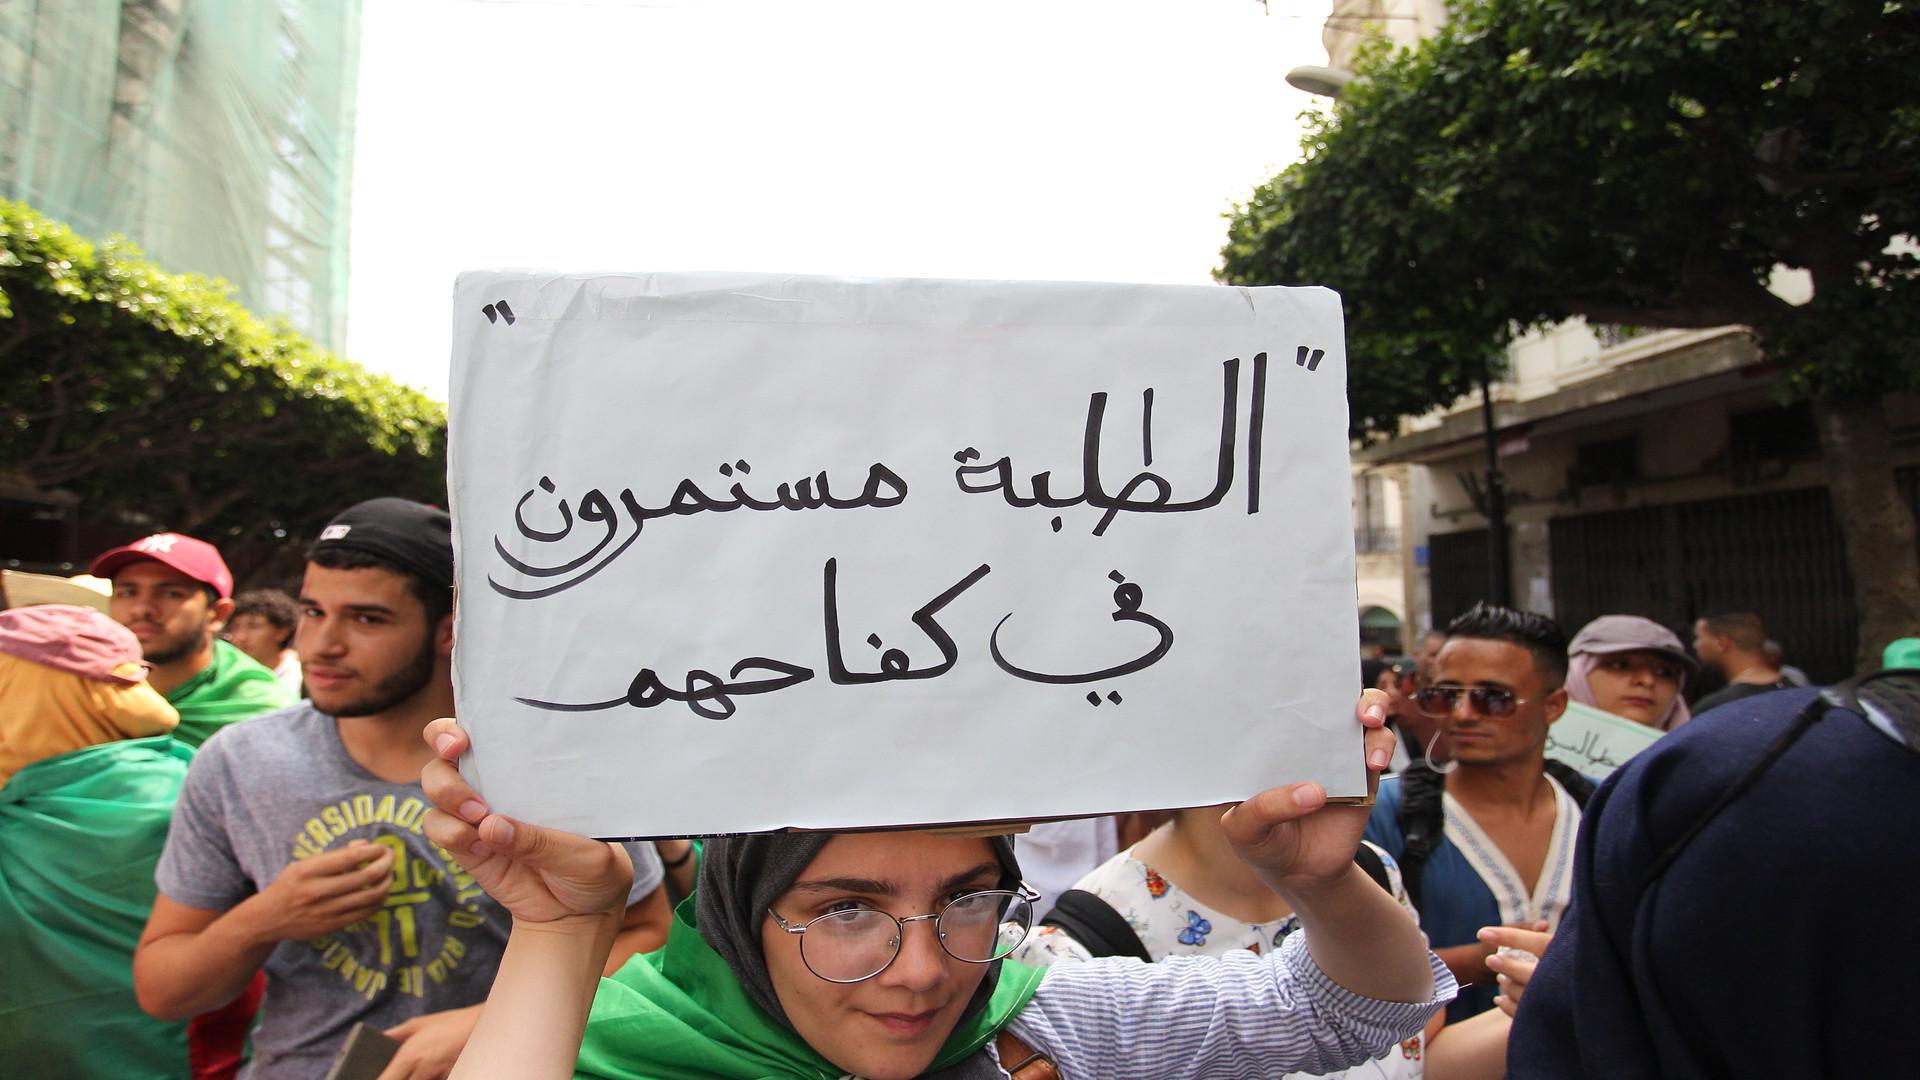 الجزائر.. مئات الطلبة يتظاهرون للمطالبة برحيل النظام